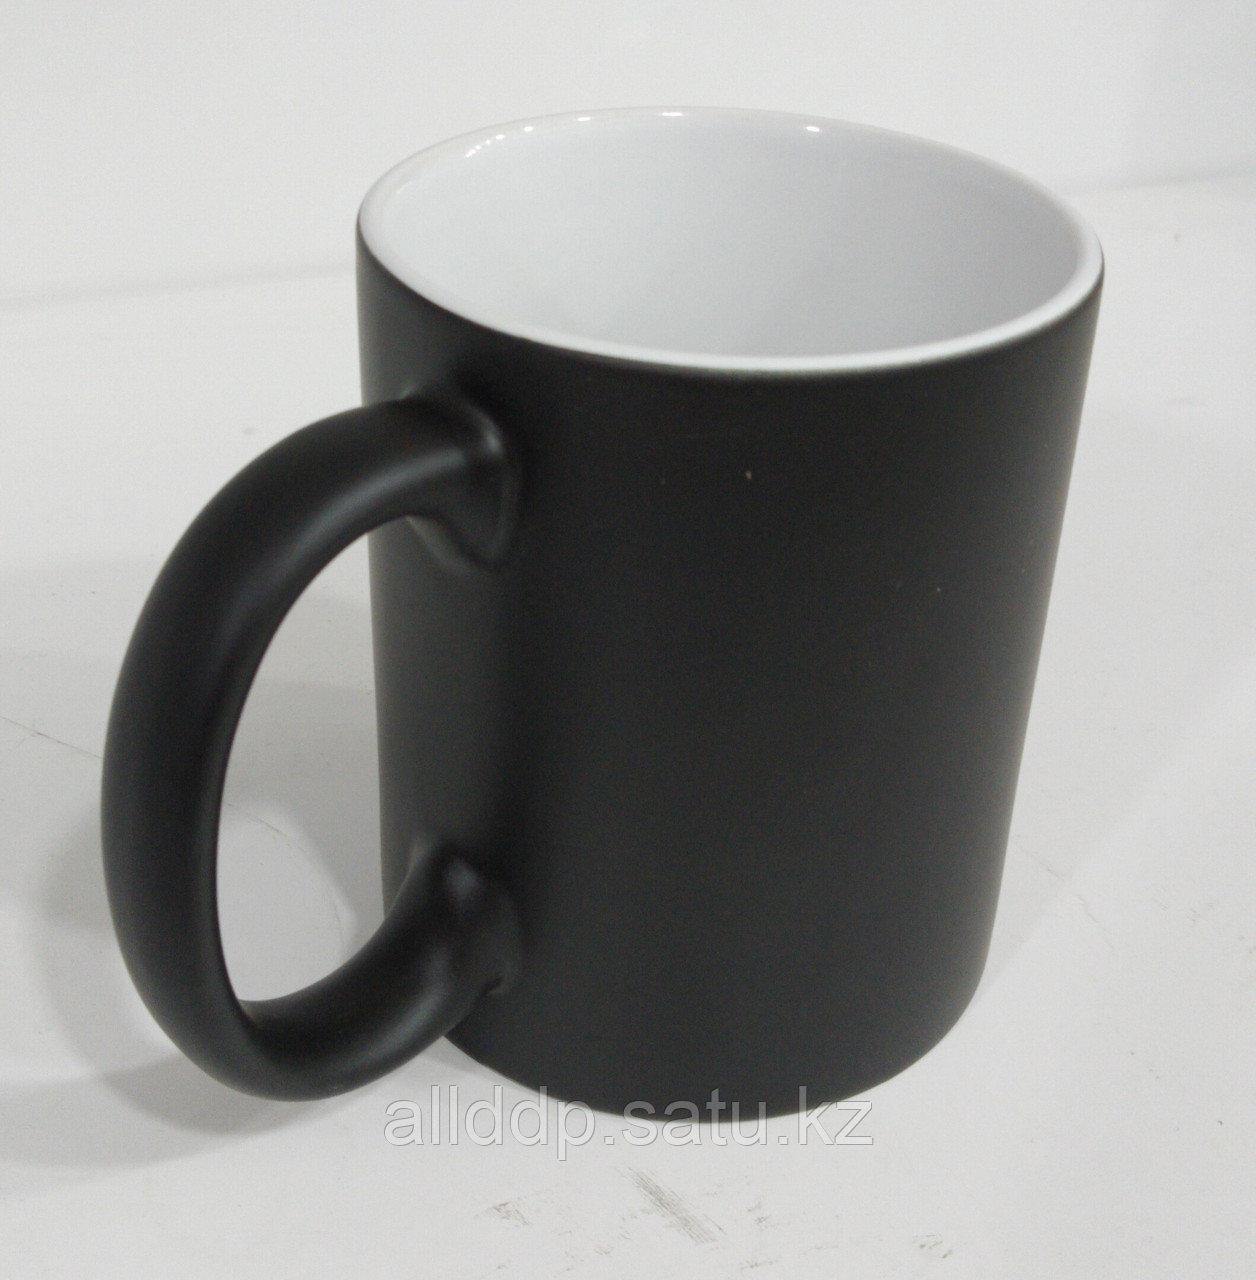 Кружка хамелеон (меняющая цвет) под сублимацию, черный матовый